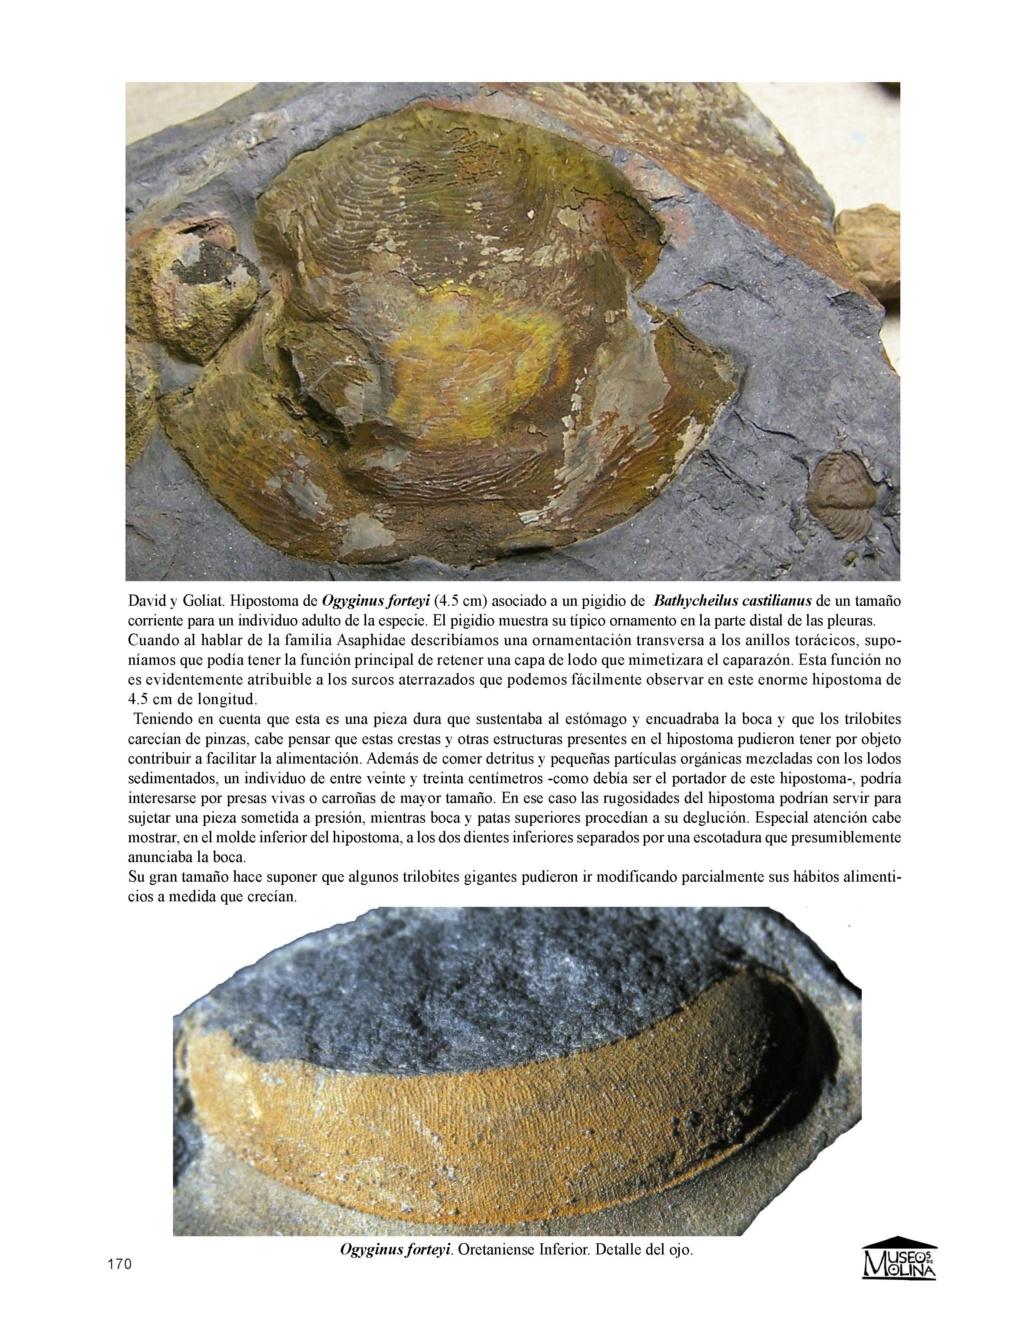 SEGUNDA EDICIÓN -  Guía de Trilobites del Ordovícico Medio de Castilla-La Mancha y Extremadura Fondos11